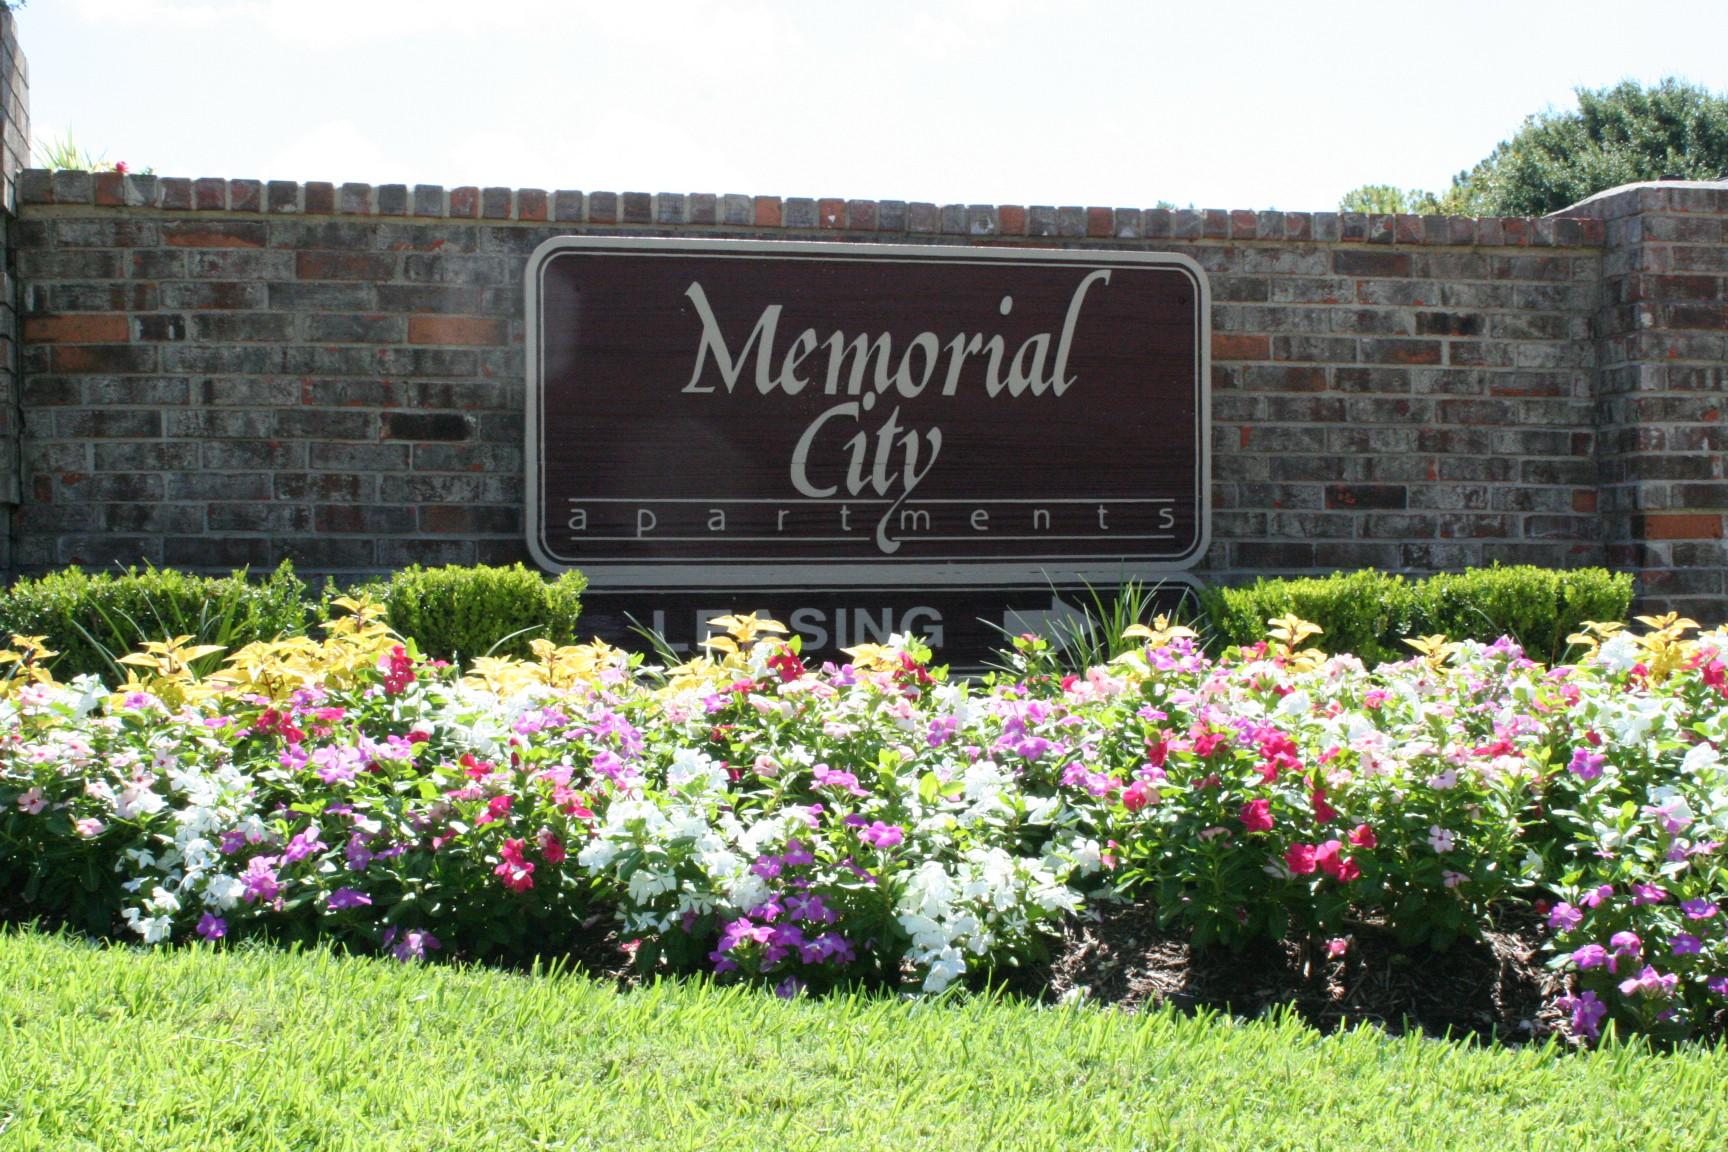 Apartments Near Strayer University-Northwest Houston Memorial City for Strayer University-Northwest Houston Students in Houston, TX